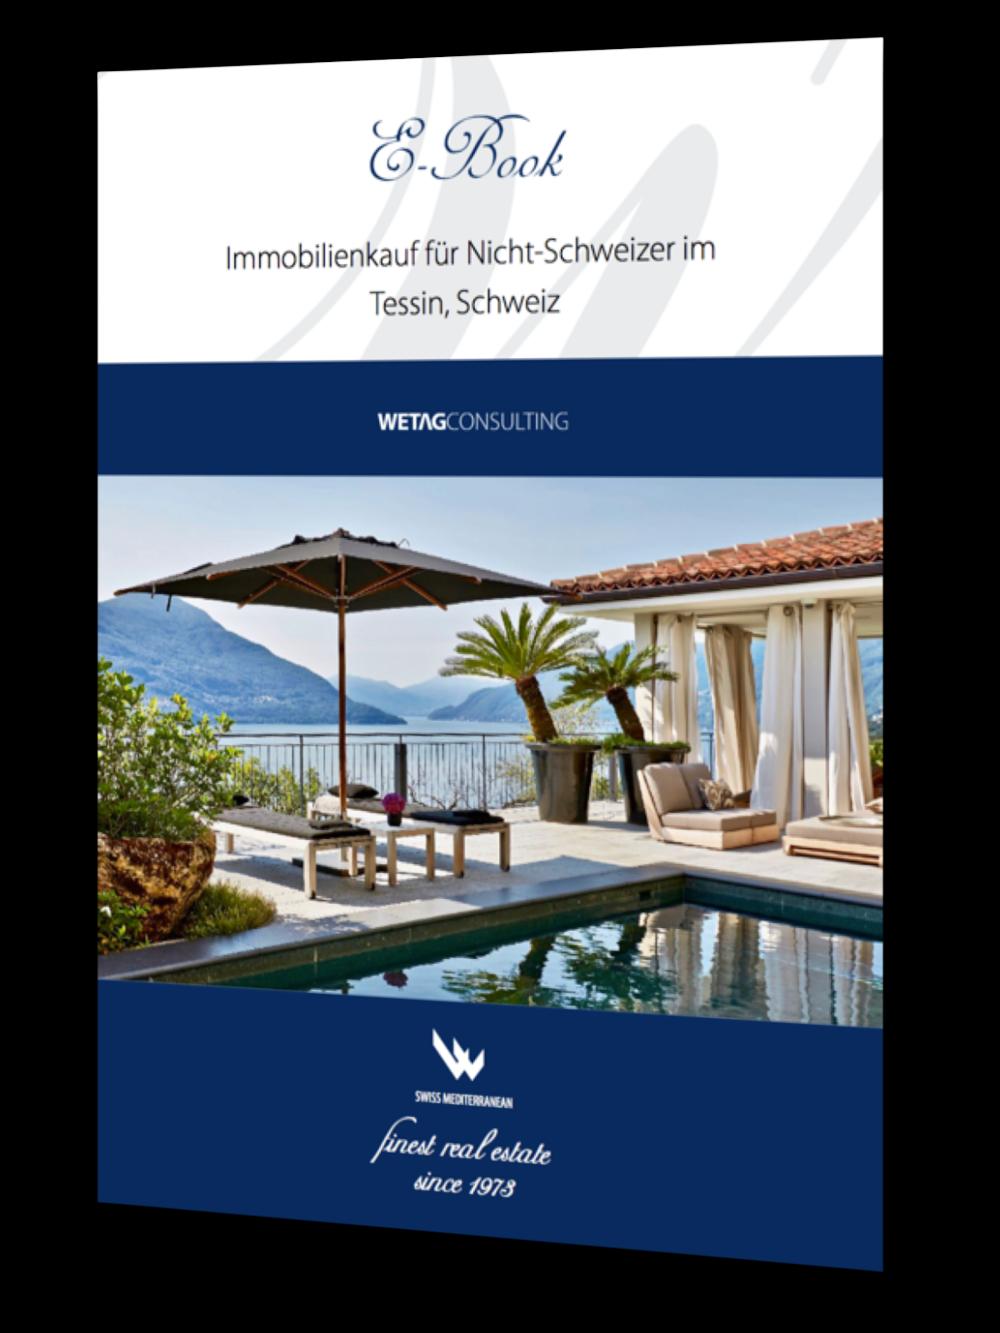 E-Book - Immobilienkauf im Tessin für Nicht-Schweizer